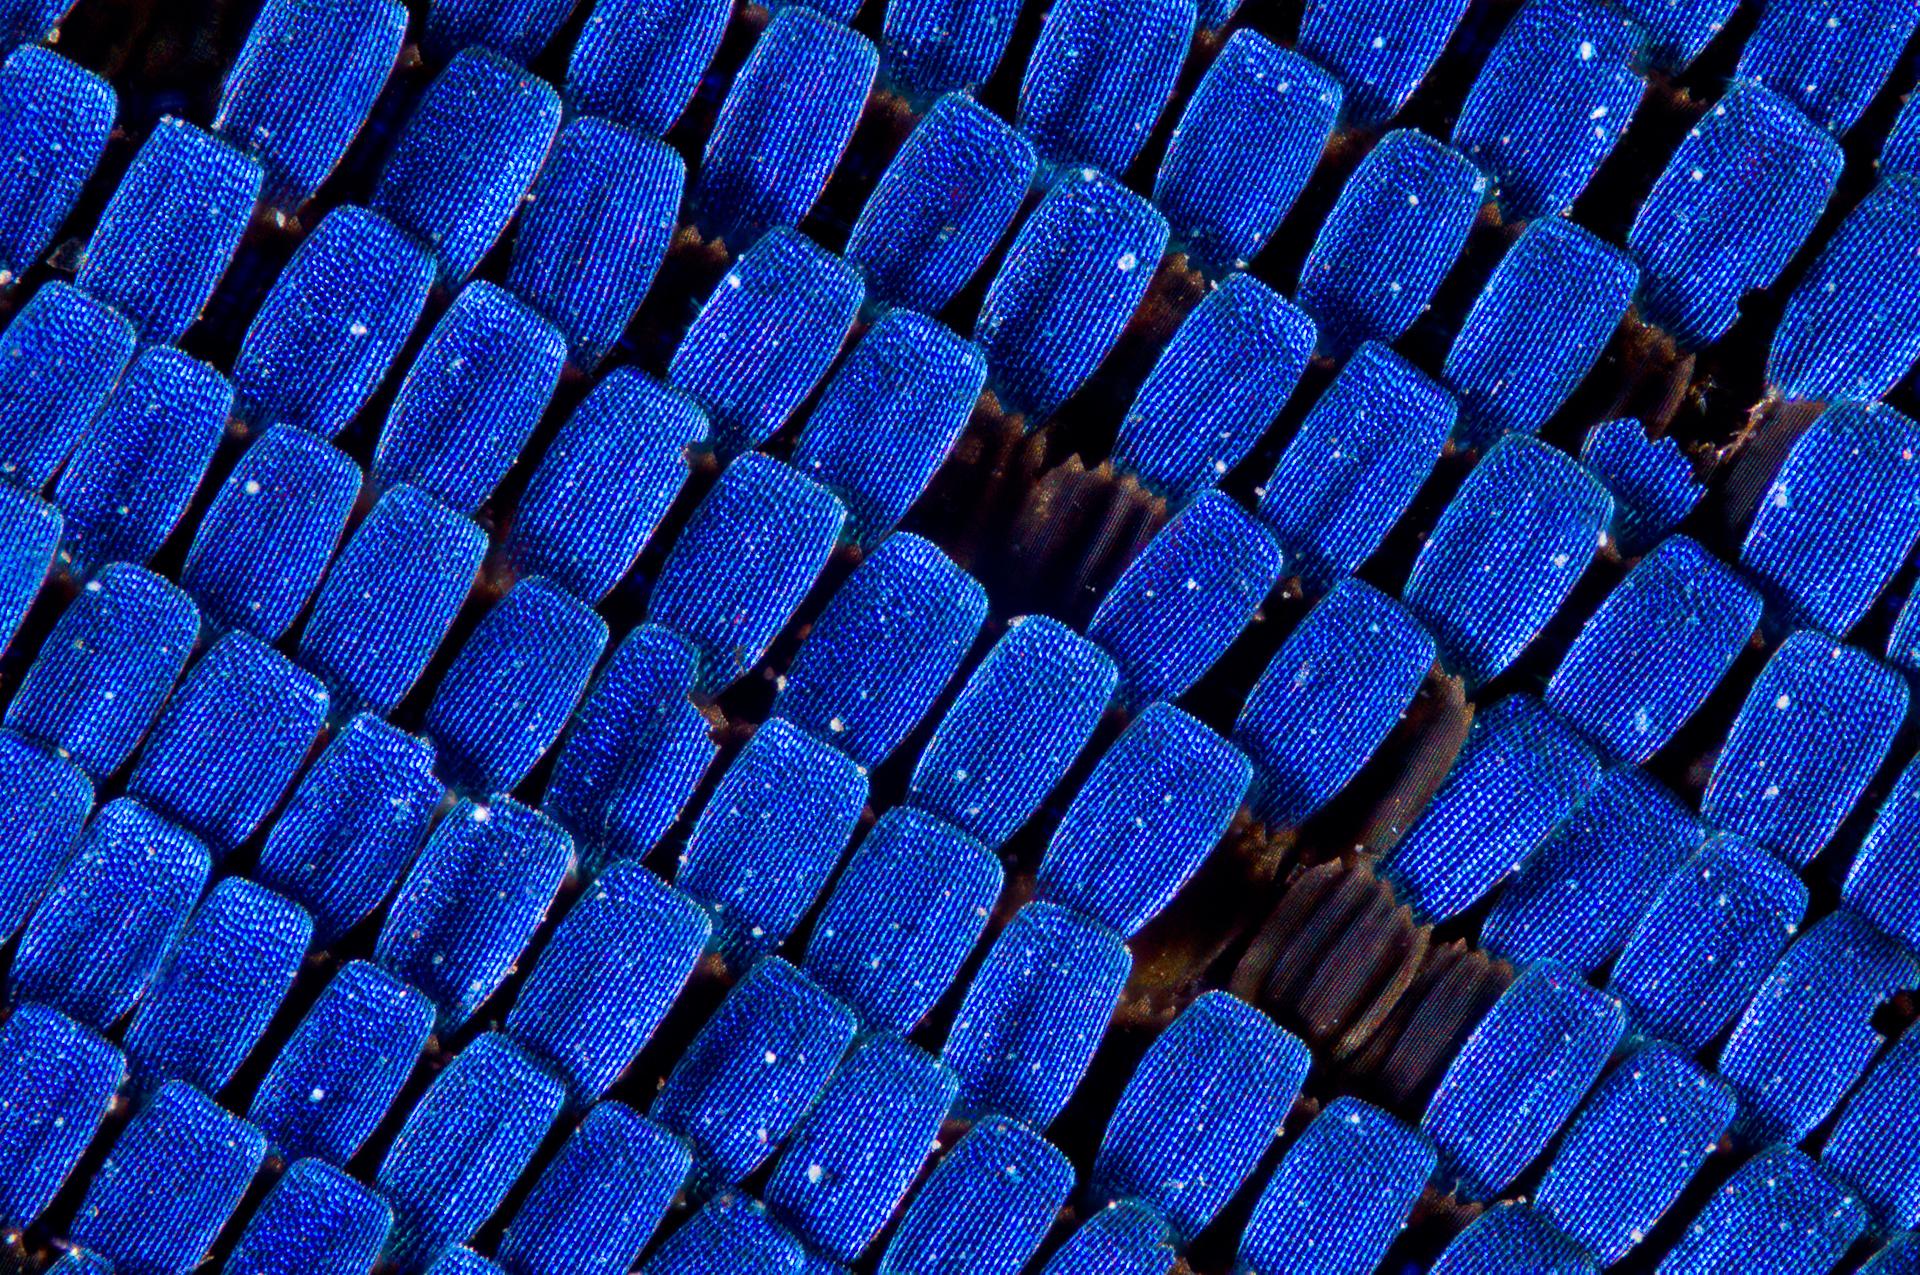 Strukturální šupinky  otakárka P. ulysses selektivně odrážejí modrou složku světelného spektra. Odhalené černé podkladové šupinky s melaninem ilustrují postupnou erozi modrých šupinek vnější vrstvy. Motýl tak časem ztratí svůj modrý zářivý lesk. Fotografie vznikla metodou Extended Depth of Field. Zvětšení 100×